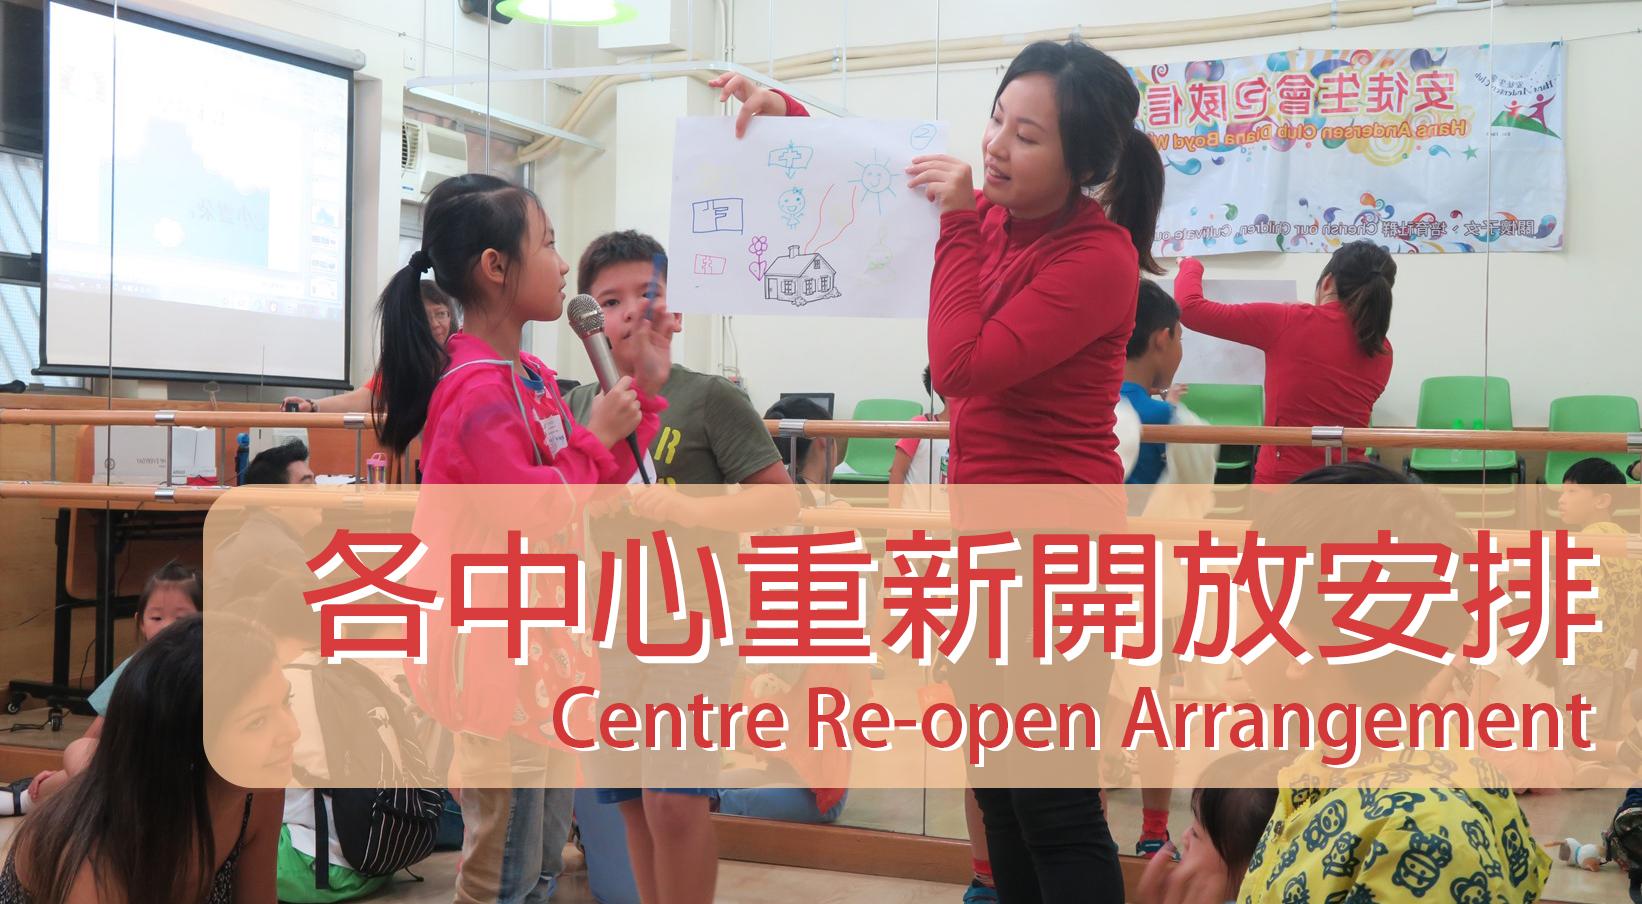 5-6月份各中心重新開放安排